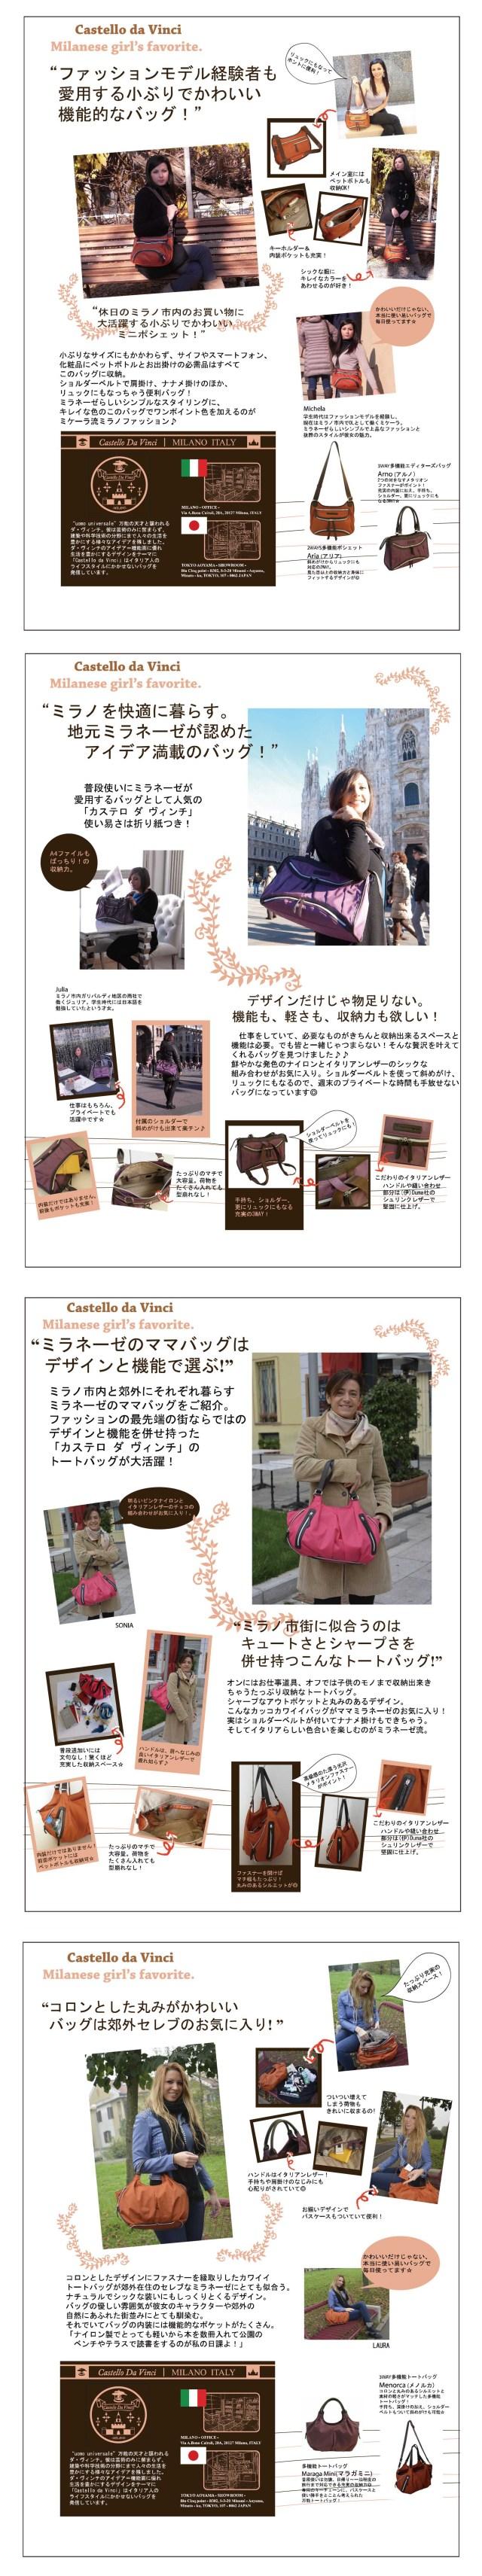 milanesebook_1-4.jpg